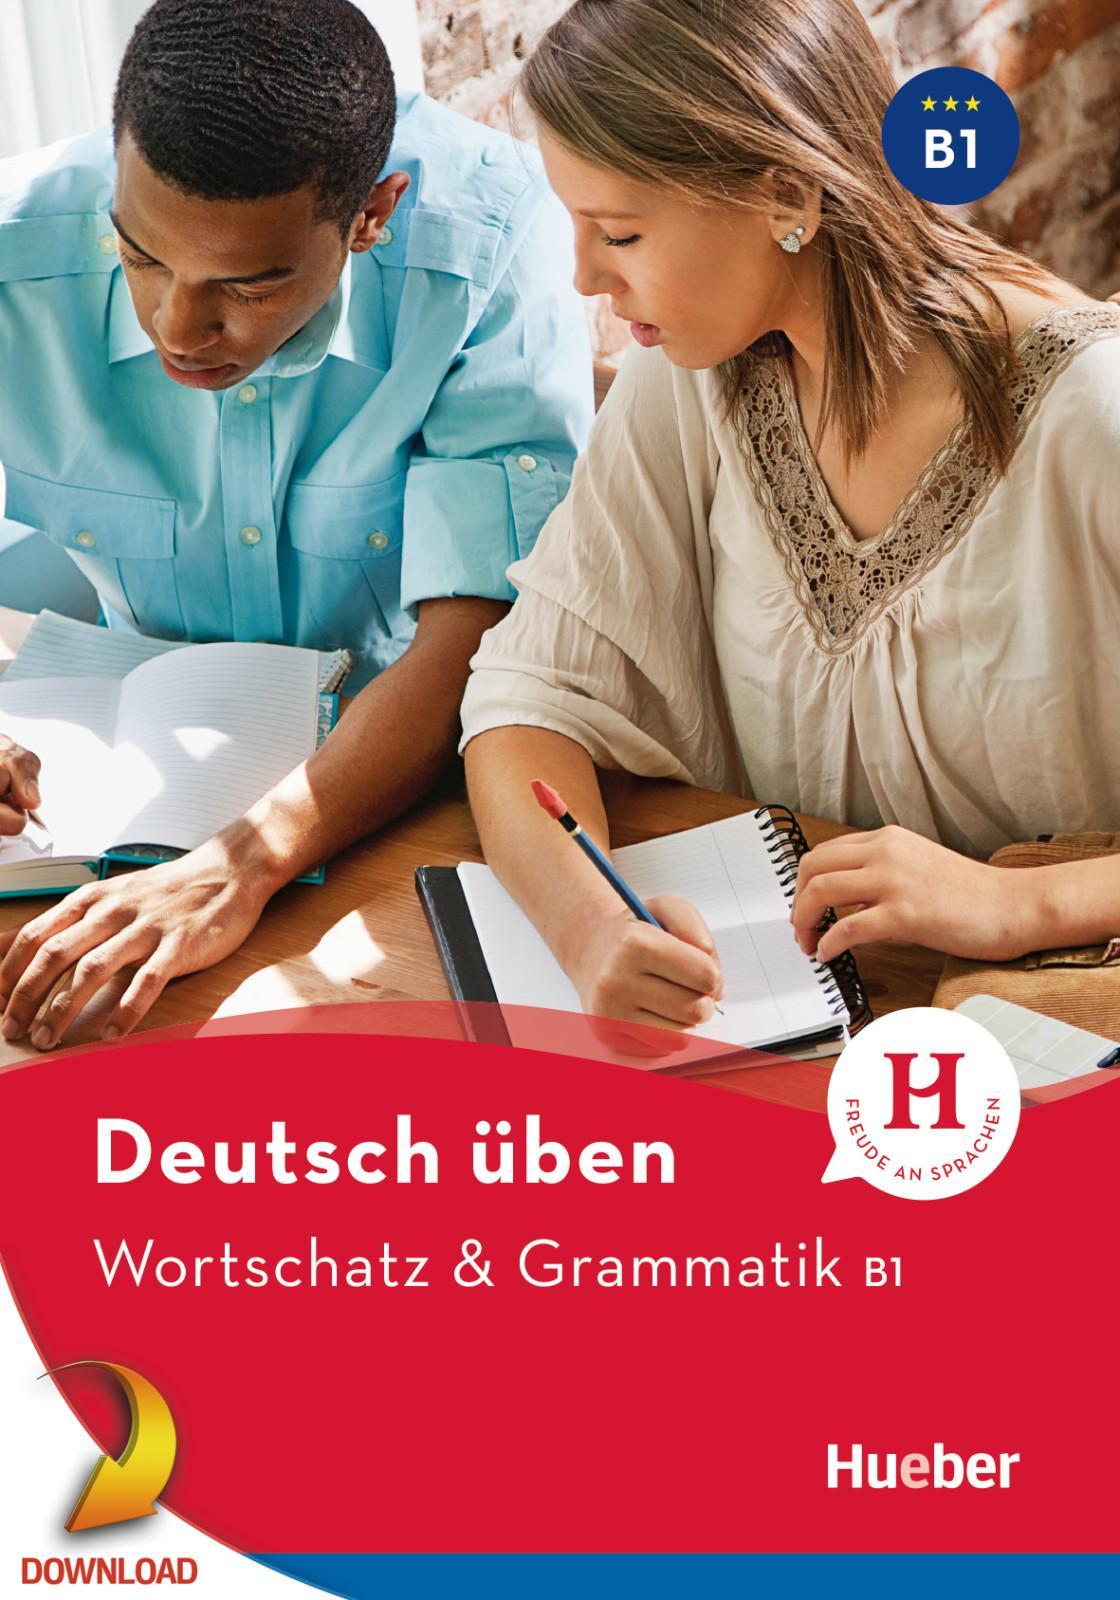 Wortschatz Grundstufe A1 Bis B1 Pdf